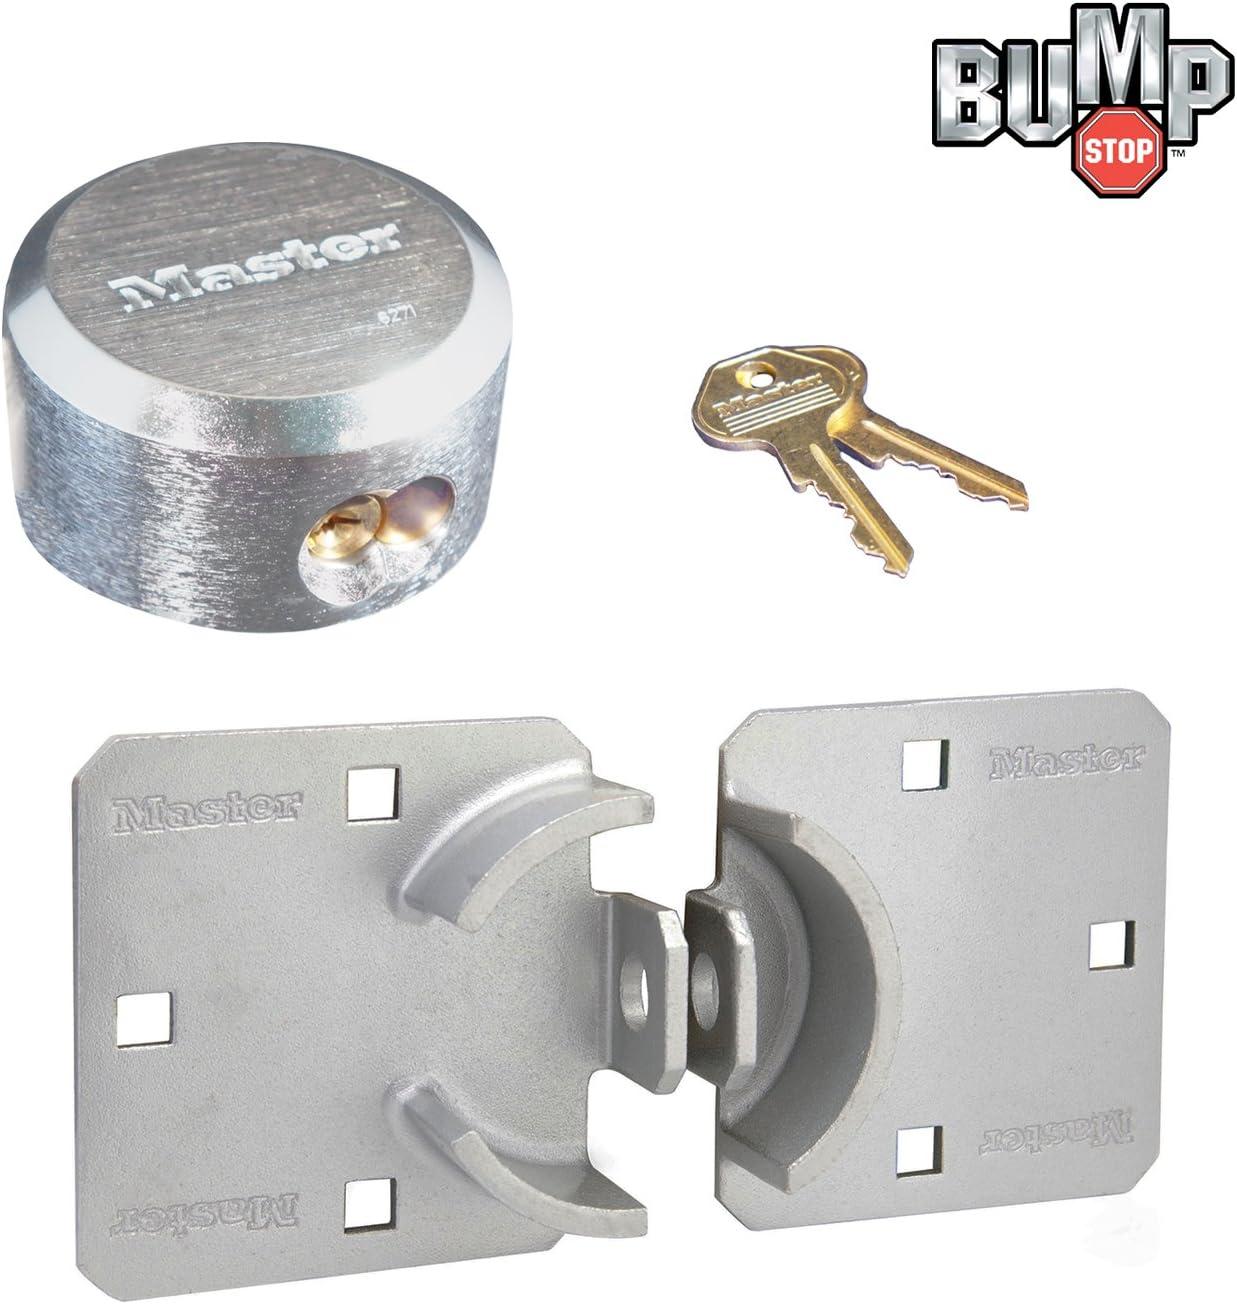 Padlock Keyed Alike - 1 Pack Master Lock – Cierre de/Cerradura grillete Oculta Combo 770 – 6271 N W/bumpstop tecnología: Amazon.es: Coche y moto